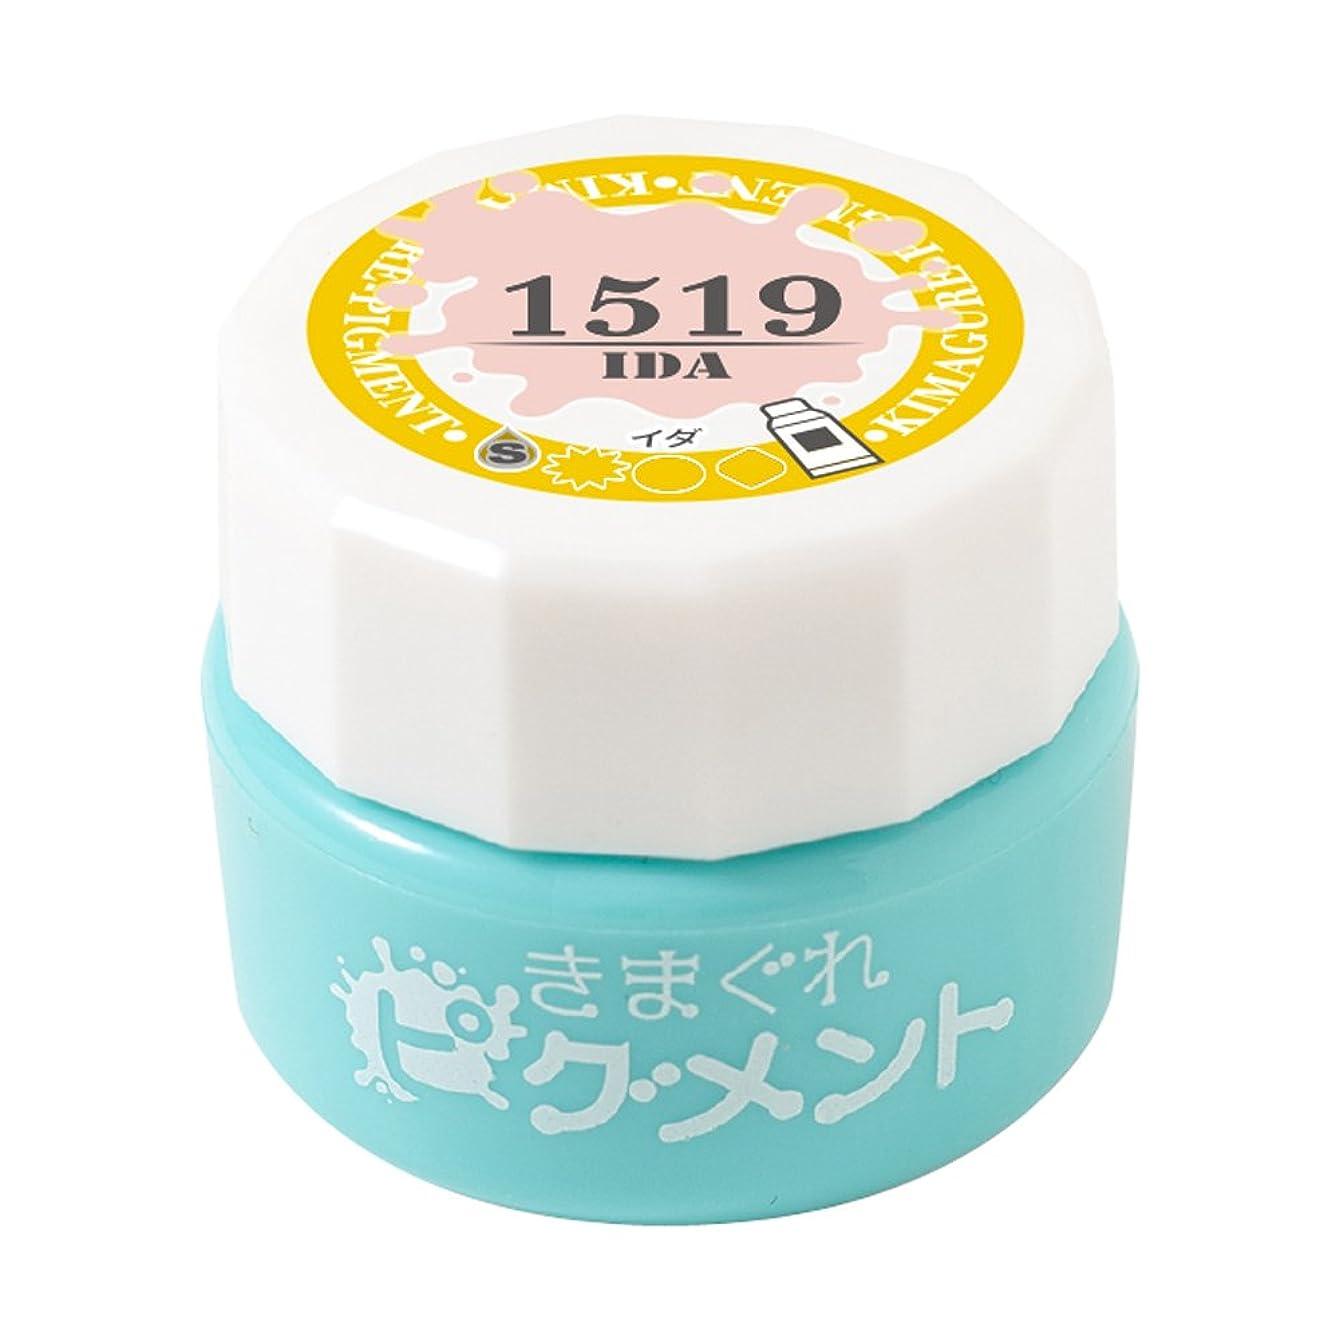 コミュニティゴム有効Bettygel きまぐれピグメント イダ QYJ-1519 4g UV/LED対応